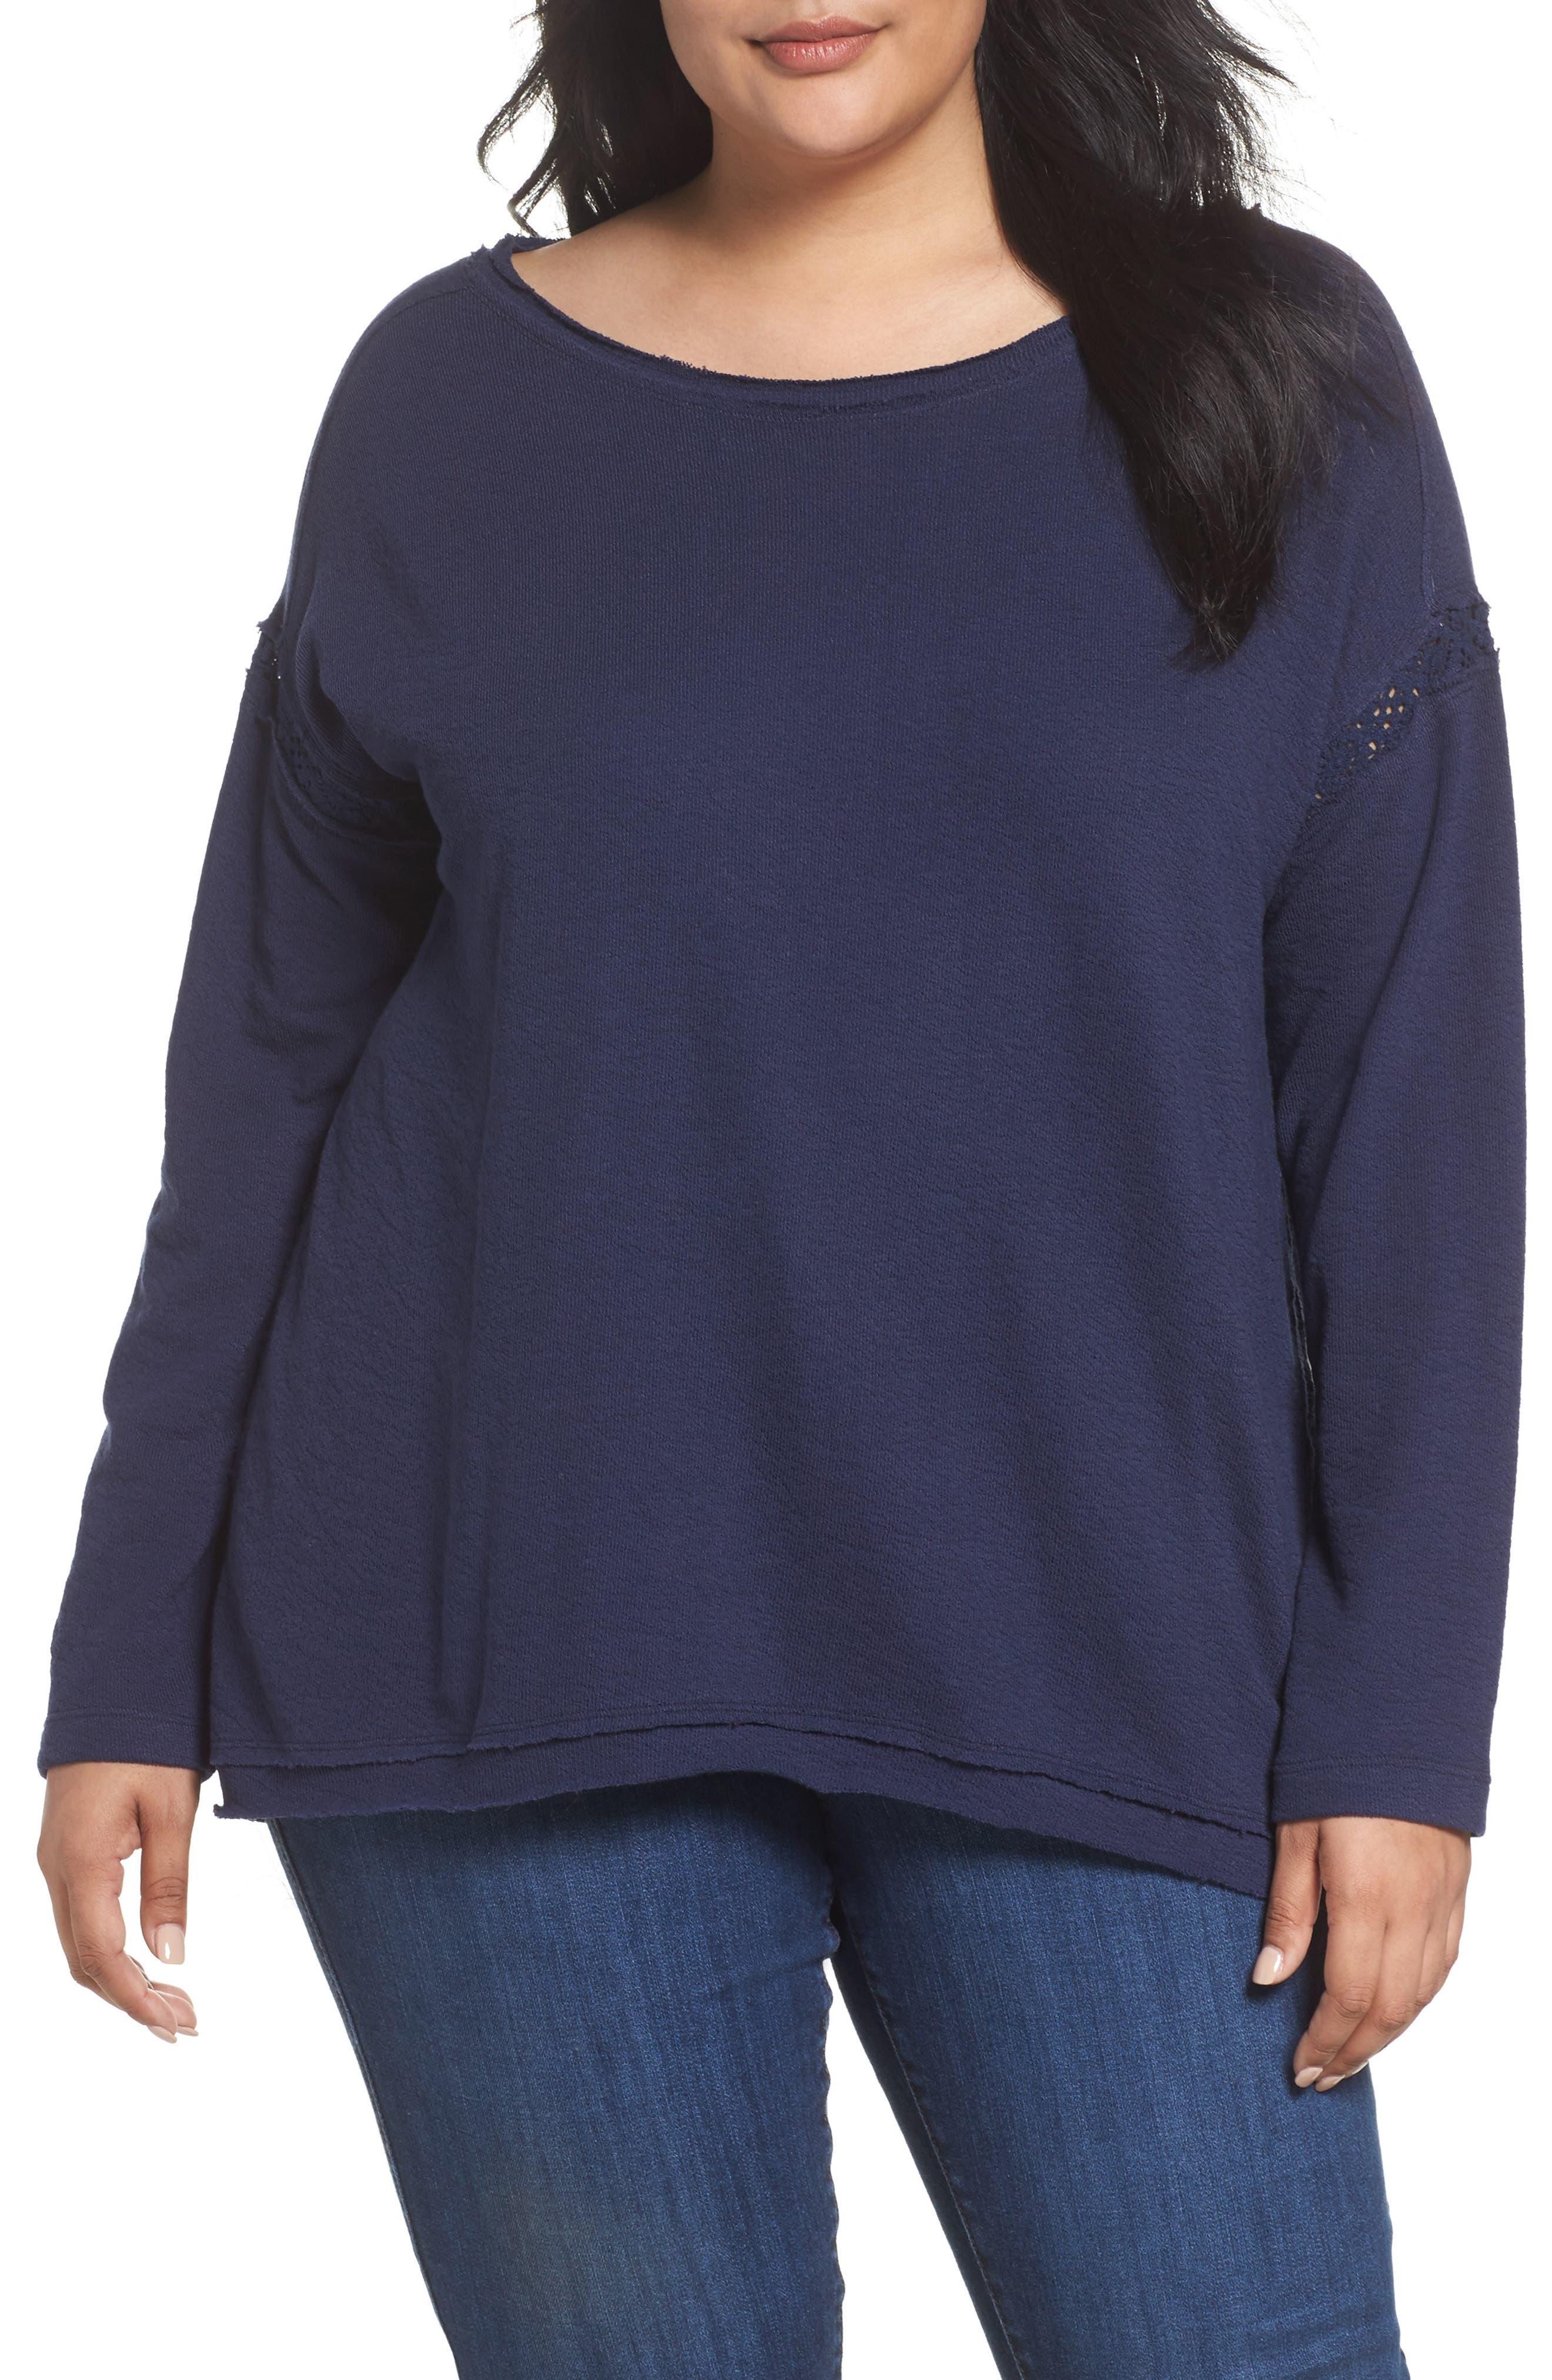 Caslon Lace Trim Sweatshirt,                         Main,                         color, Navy Peacoat